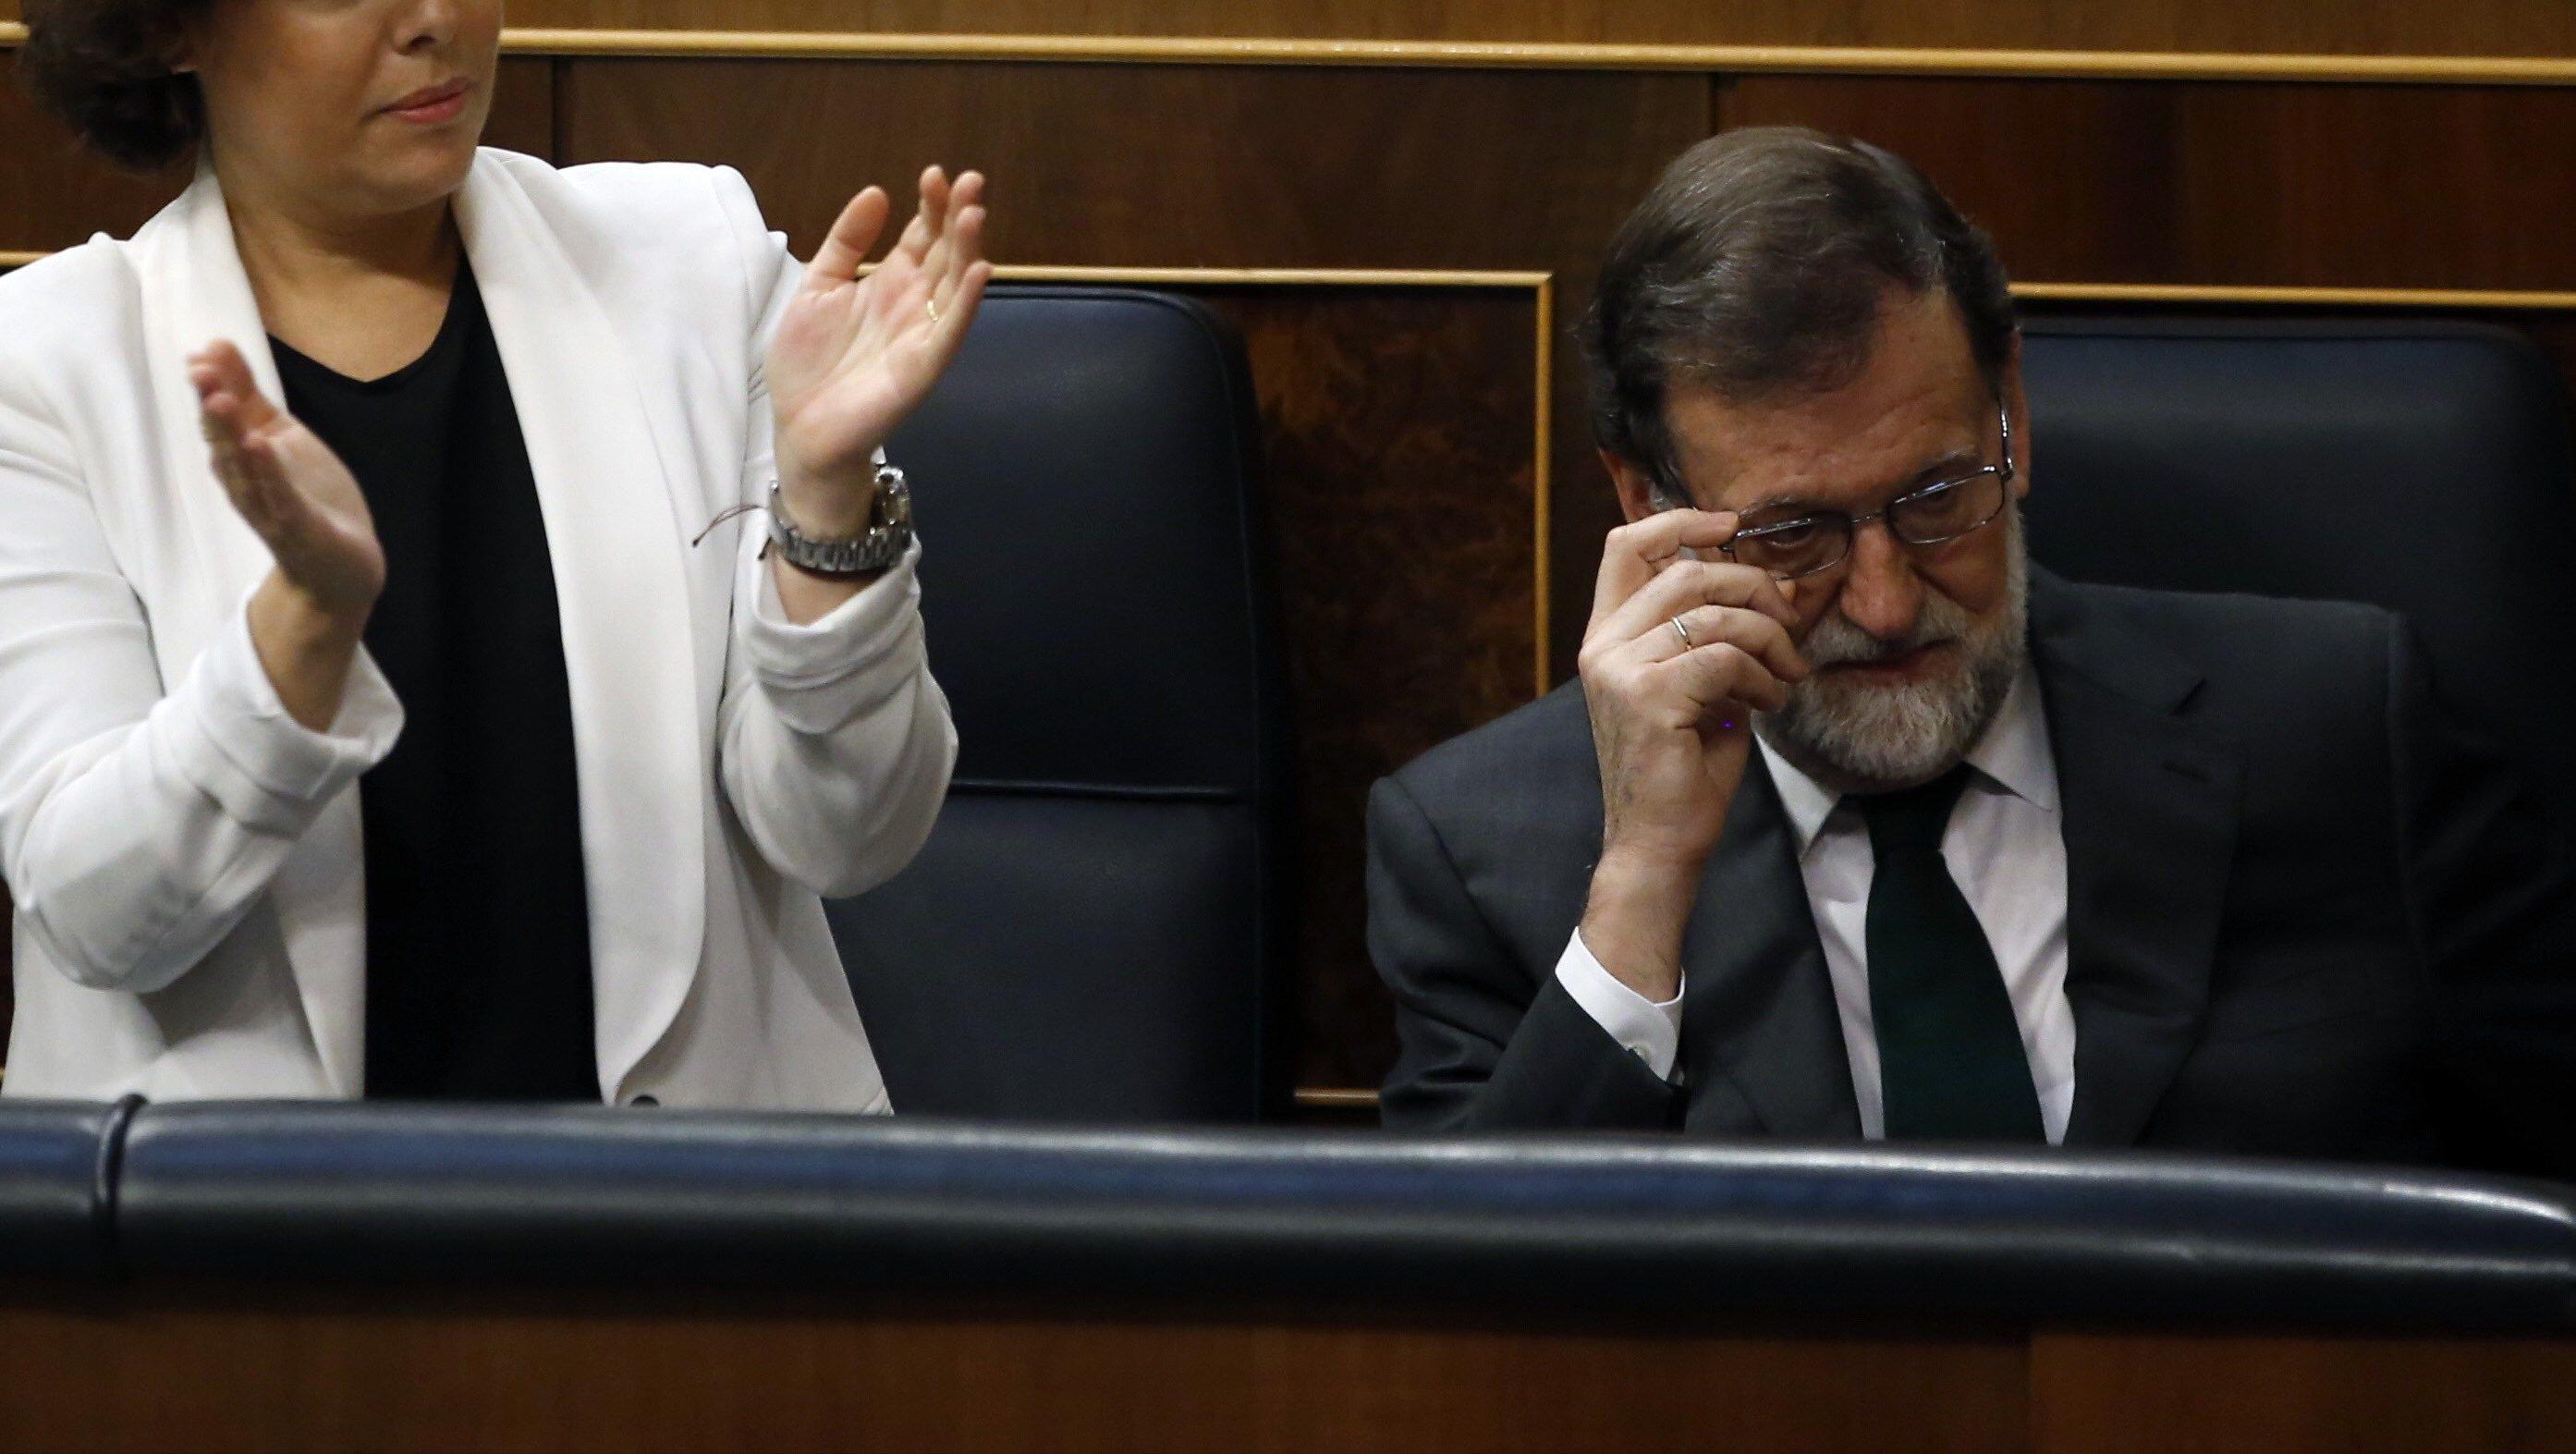 Rajoy previo a ser destituido (EFE)